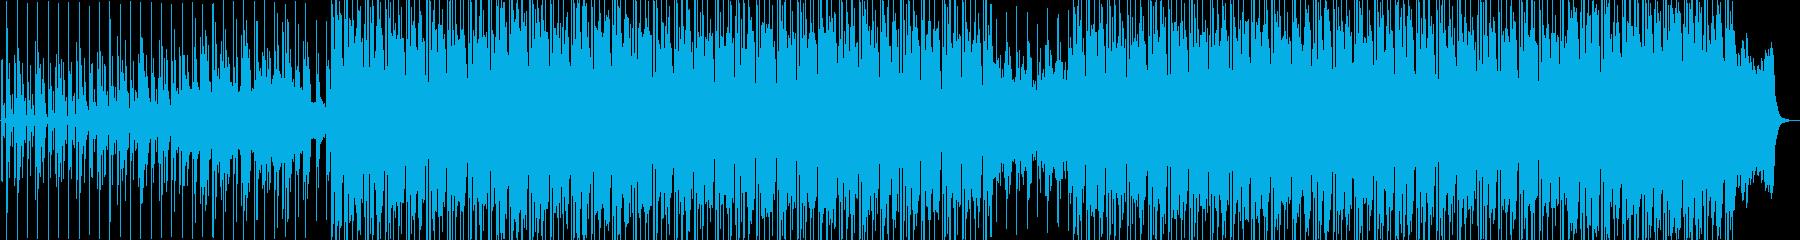 ファンク。広告音楽。の再生済みの波形